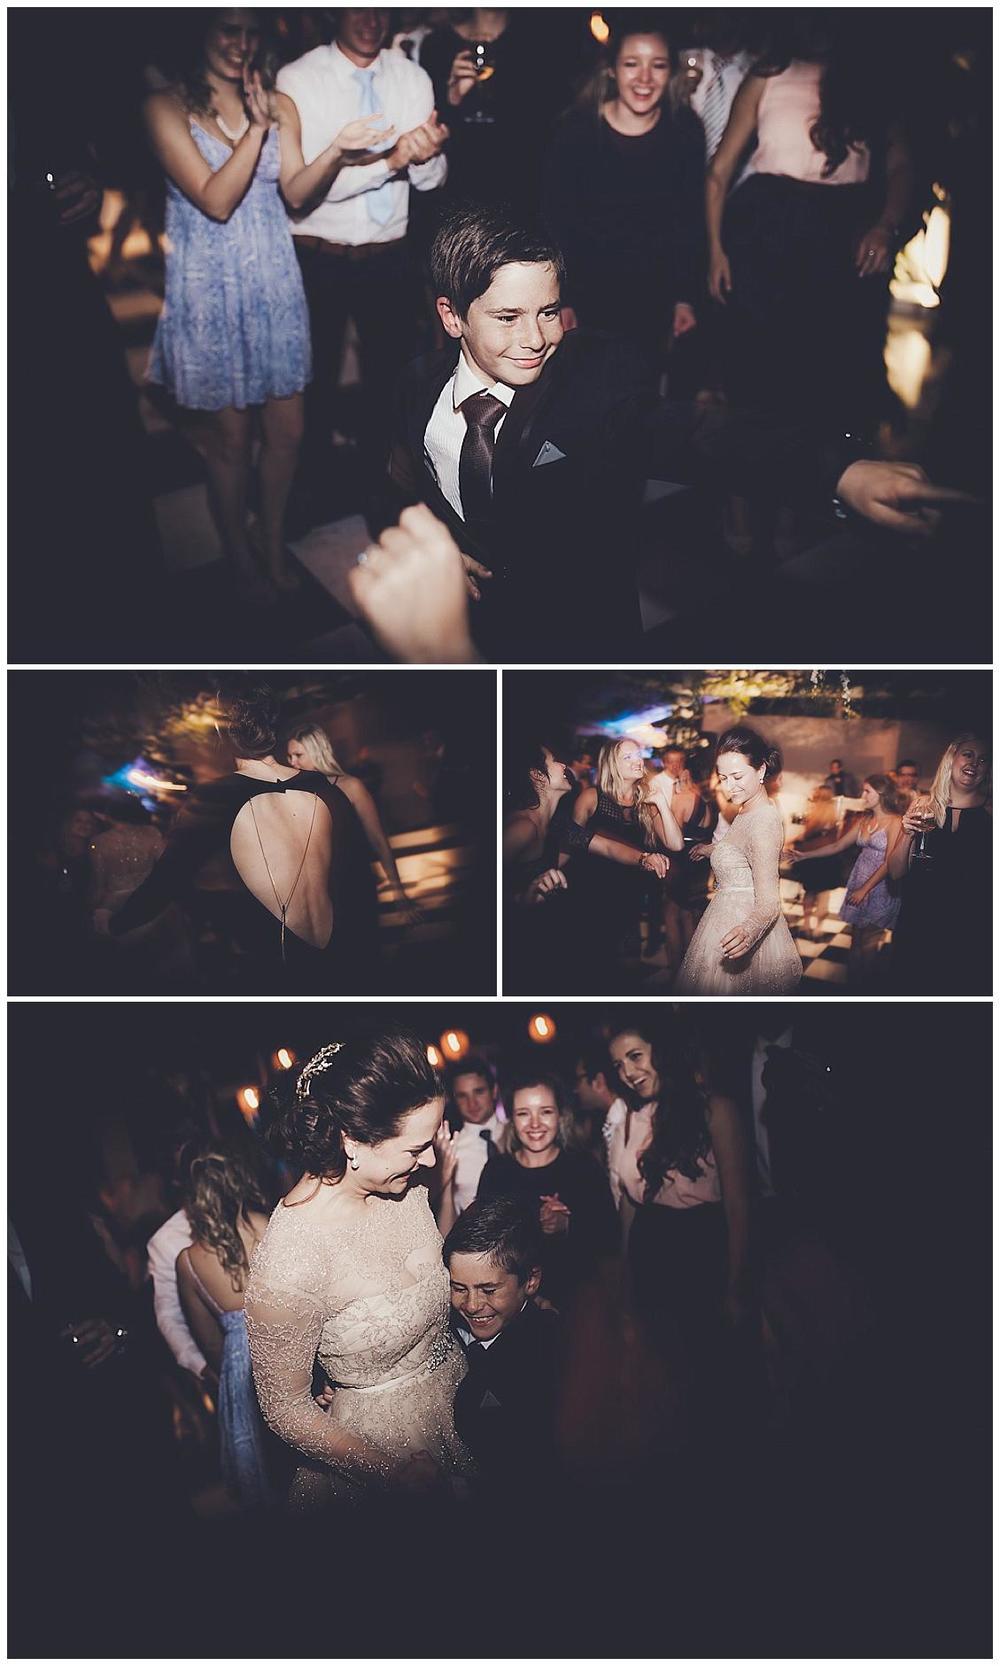 Andrea&Stefan_Jonkersdrift_FionaClairPhotography-303.jpg